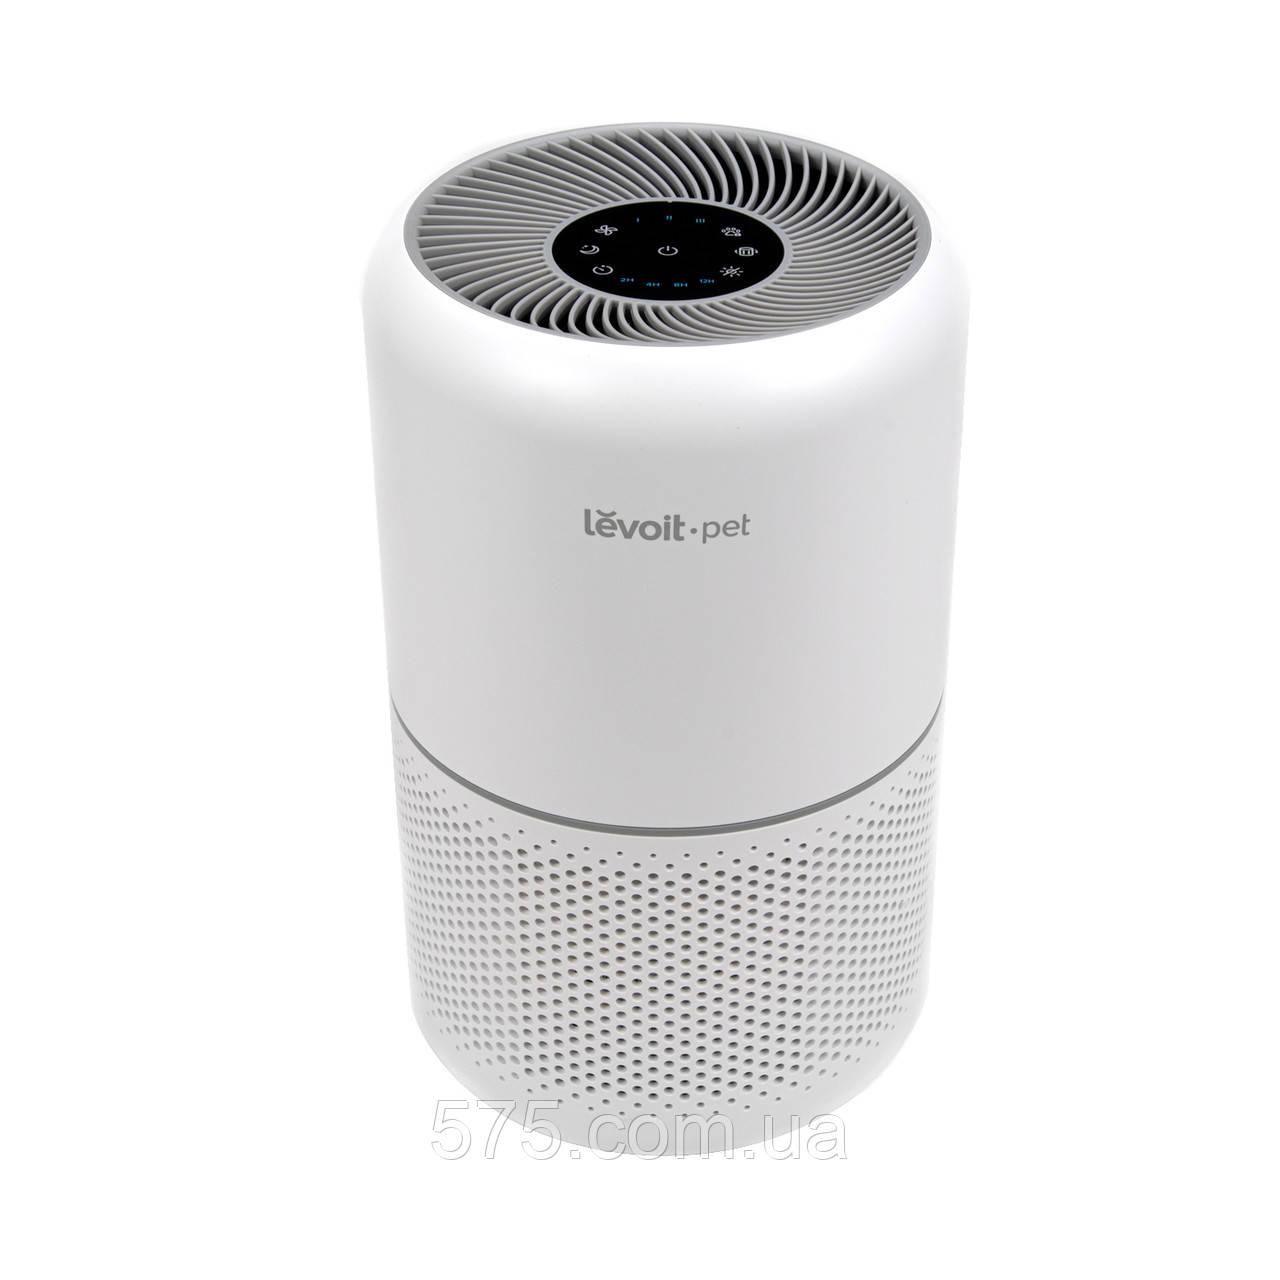 Очиститель воздуха LEVOIT CORE P350-RAC PET CARE с настоящим HEPA-фильтром, 100% без озона, сенсорный экран